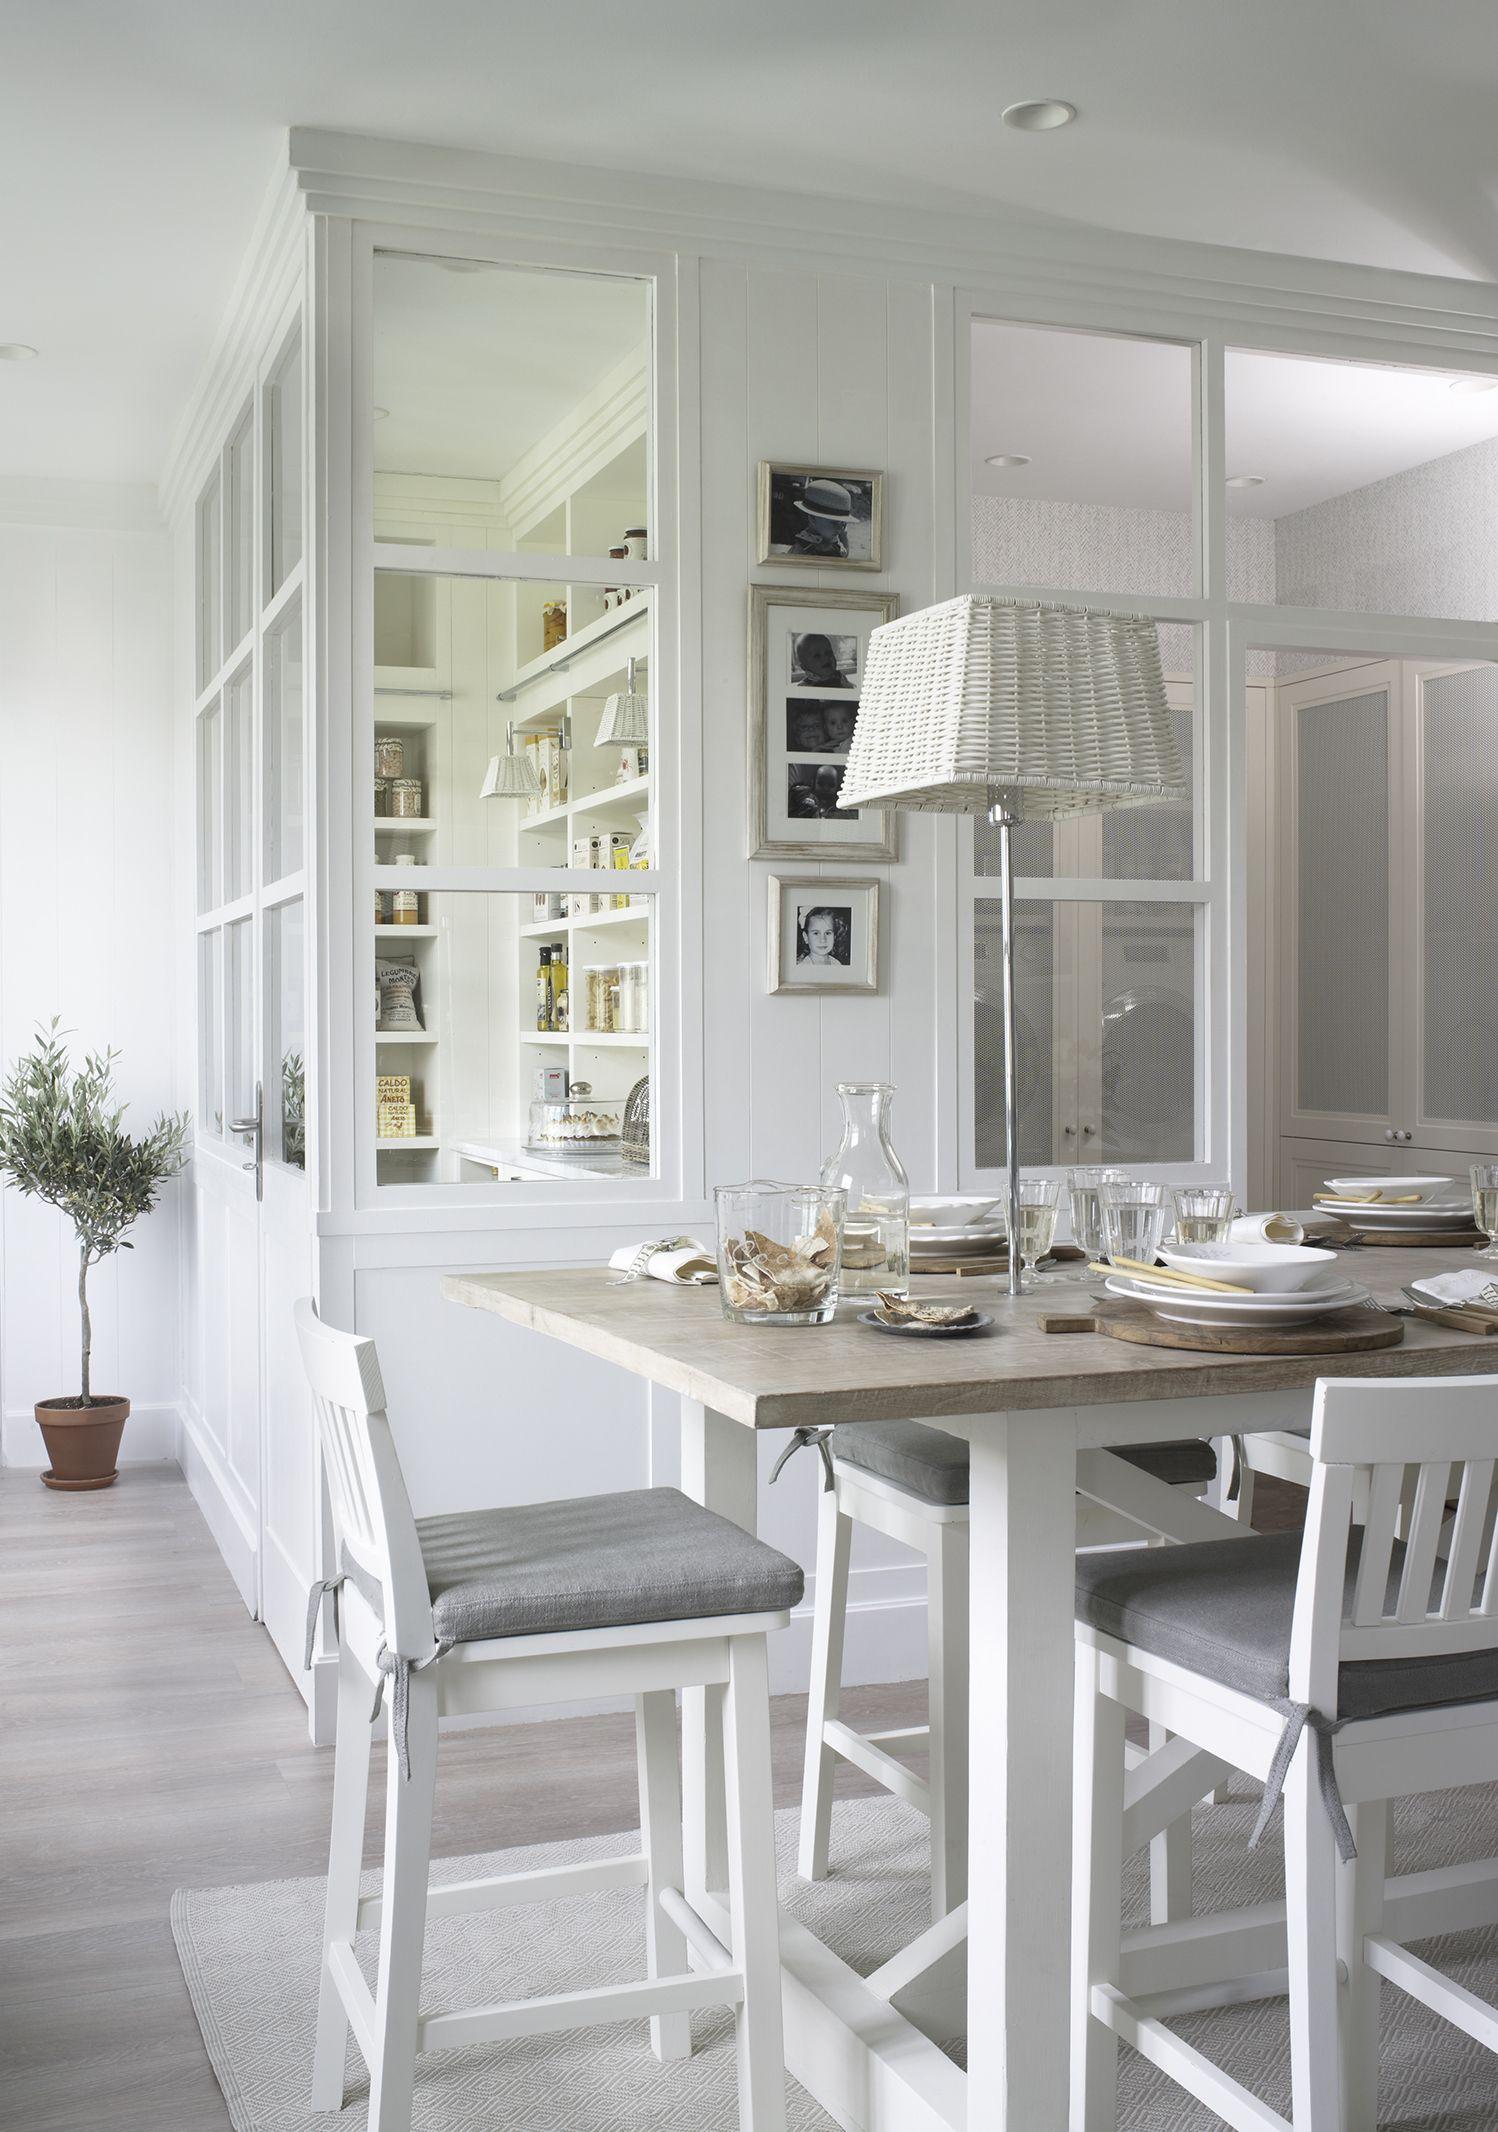 Almohadones y sillas blancas cocinaas pinterest for Sillas cocina blancas